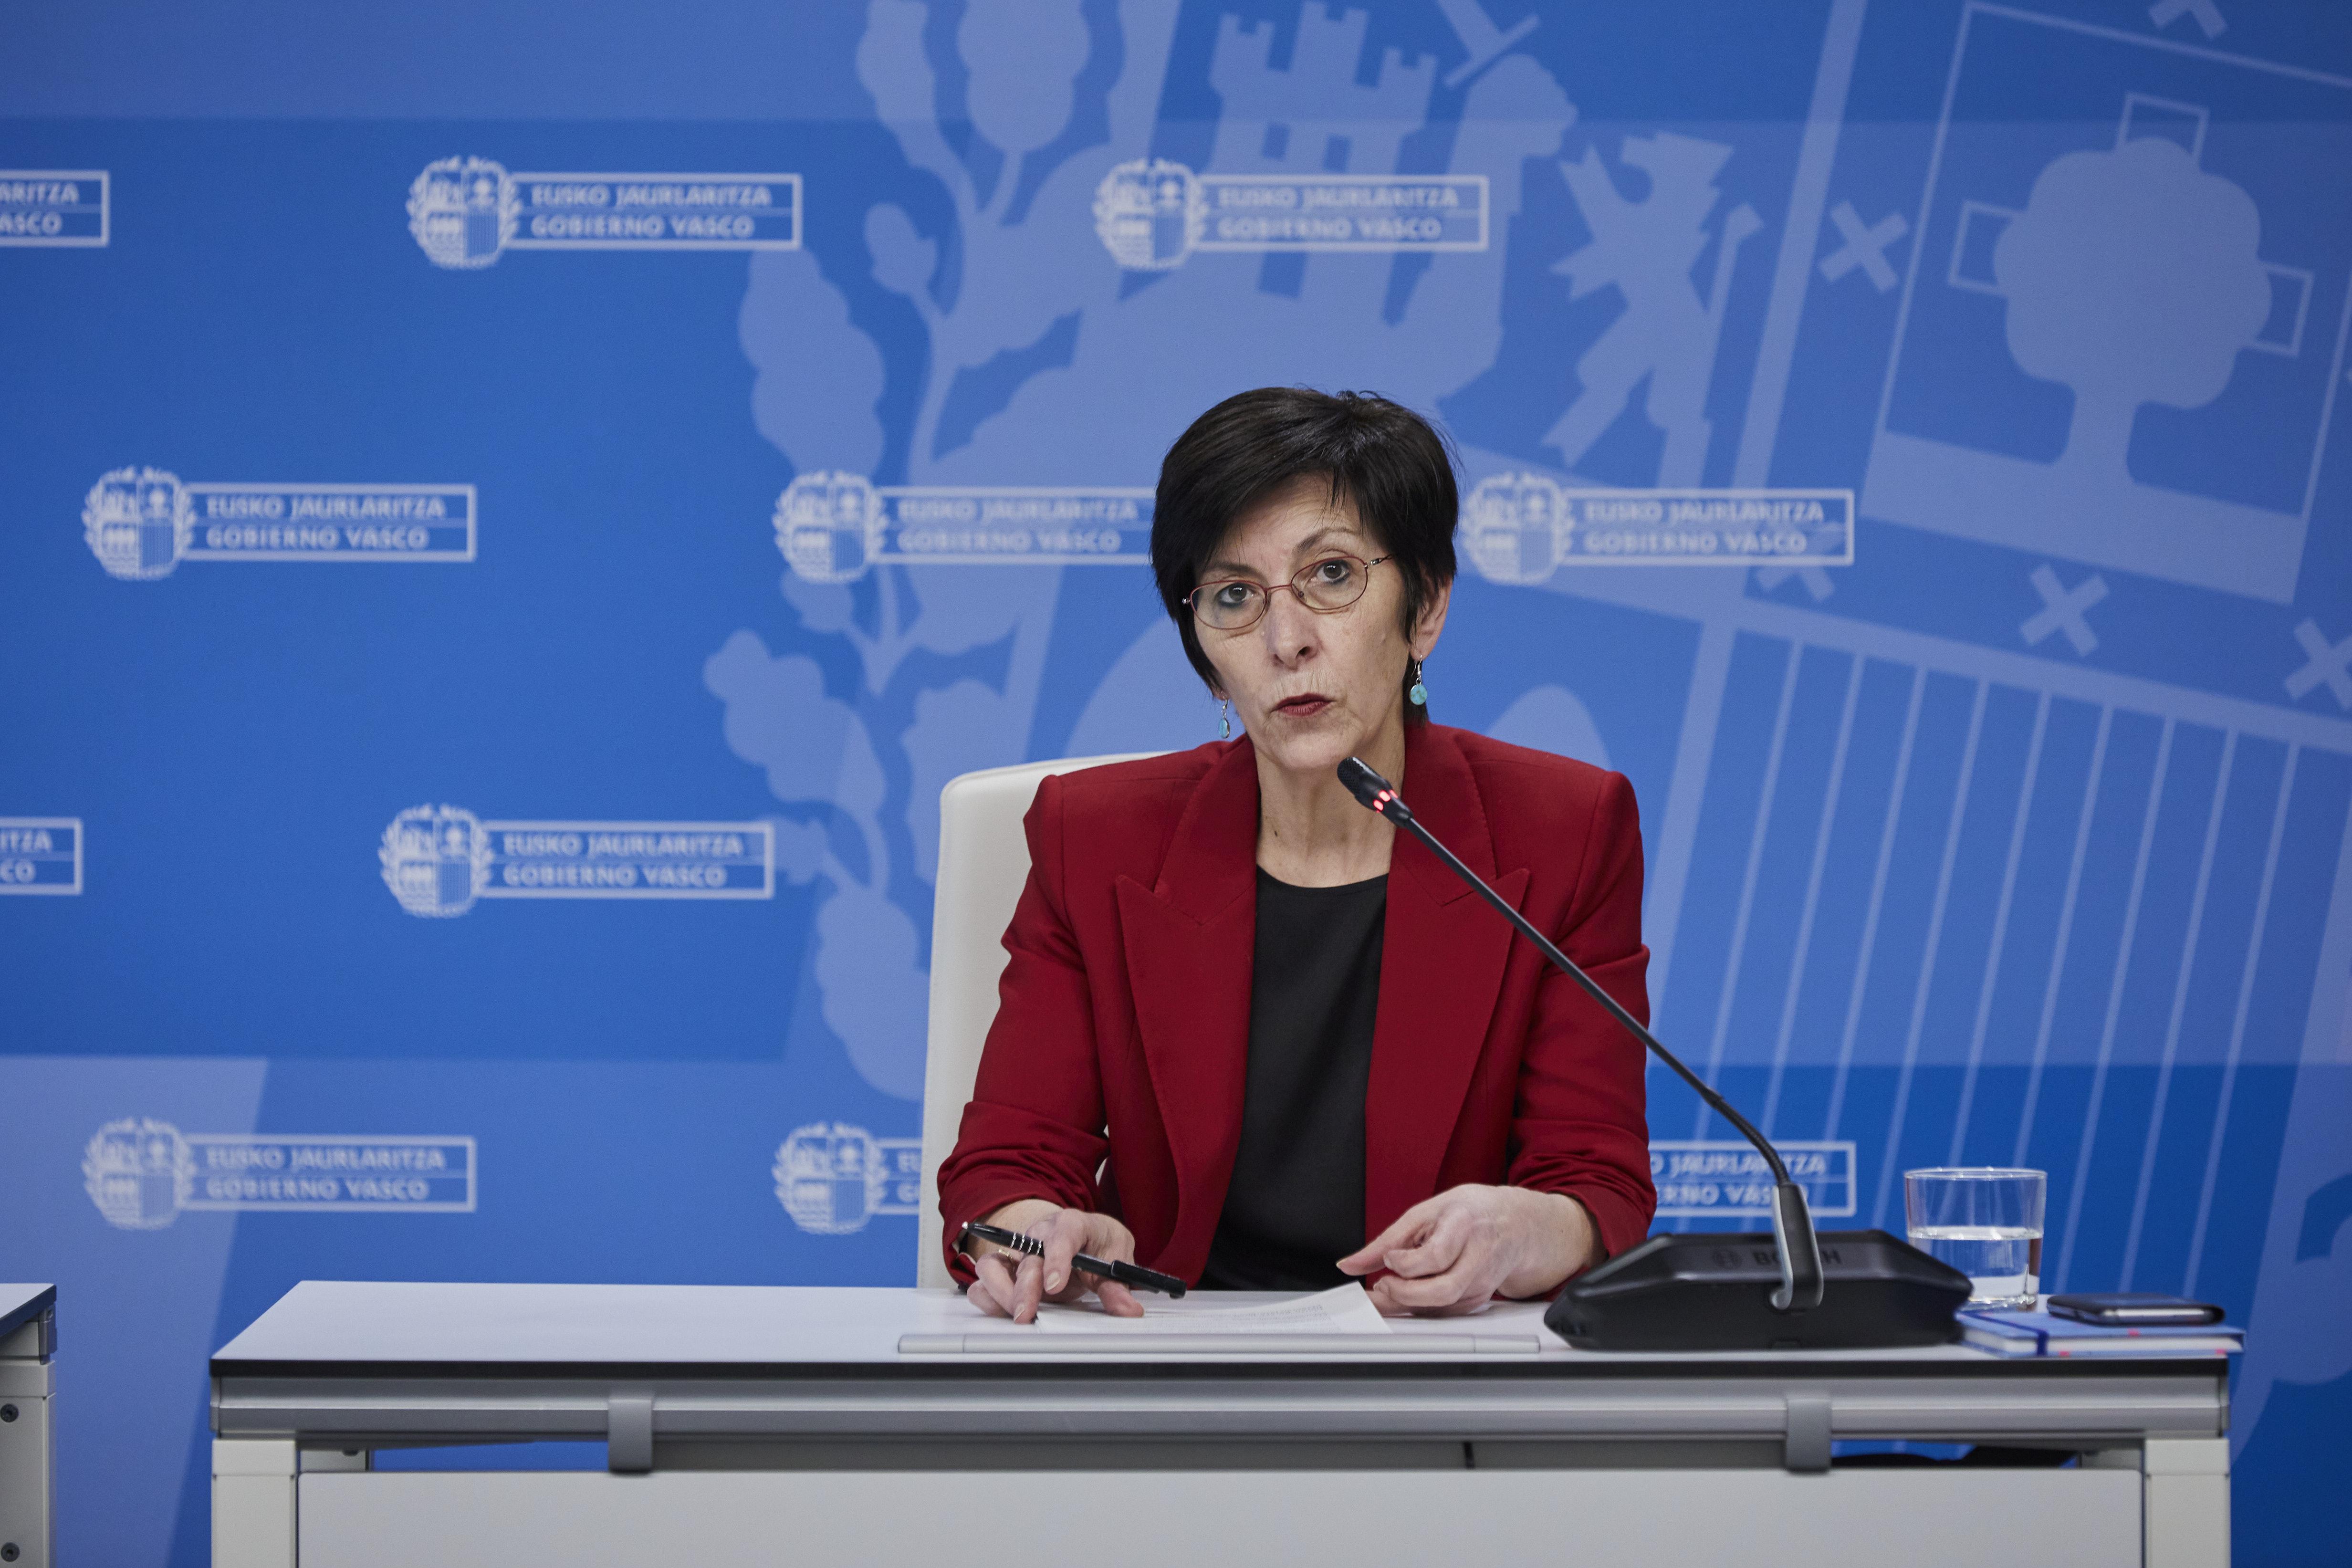 La Ertzaintza está registrando un tercio de las denuncias por infracciones penales habituales antes de las medidas de confinamiento